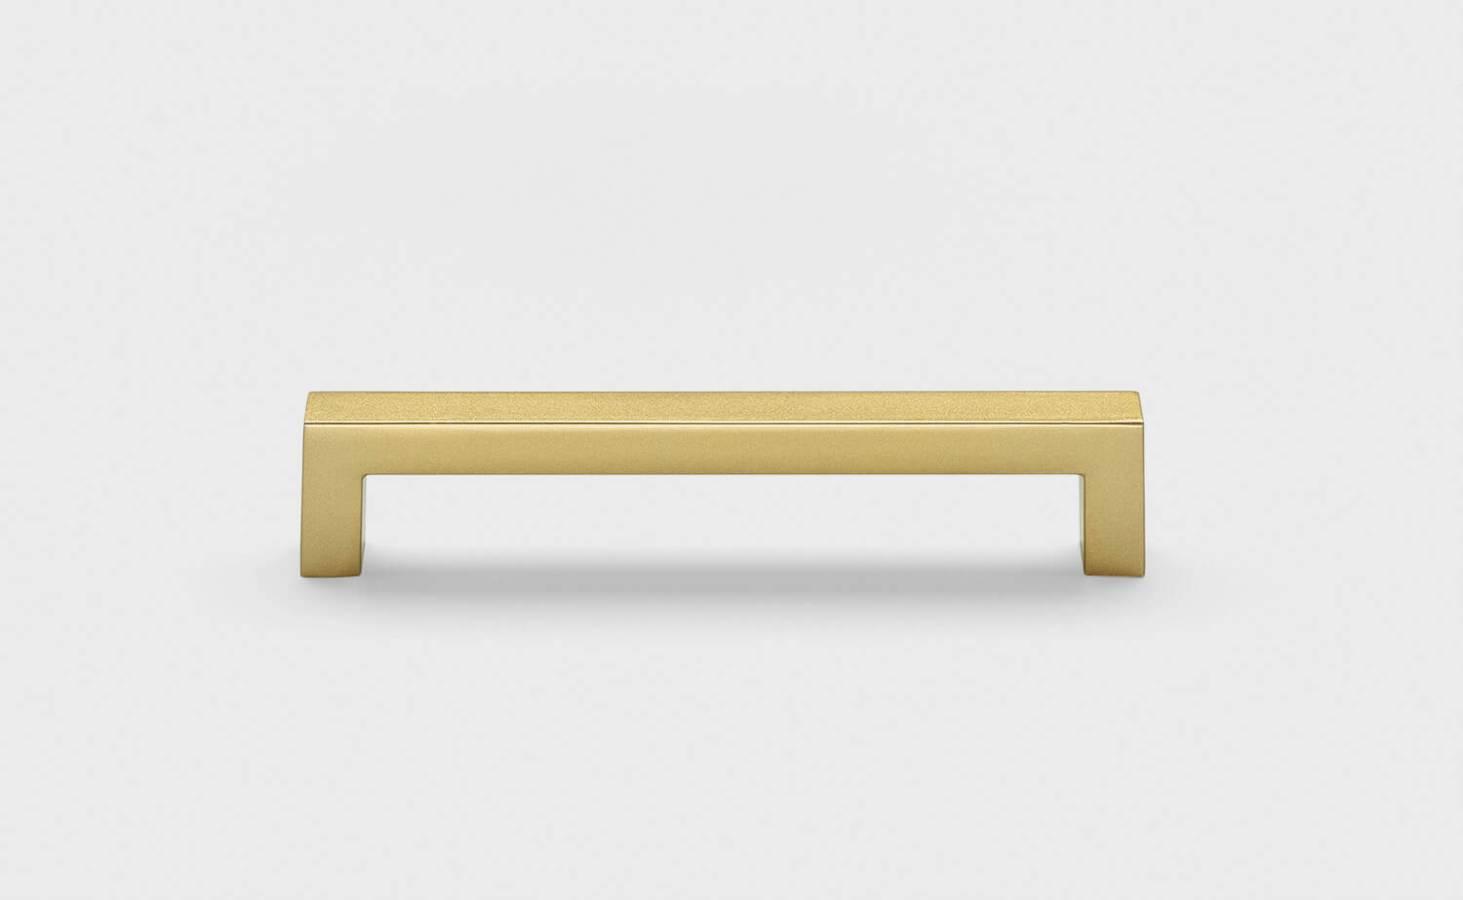 Kuechengriff Gold Metallic 607